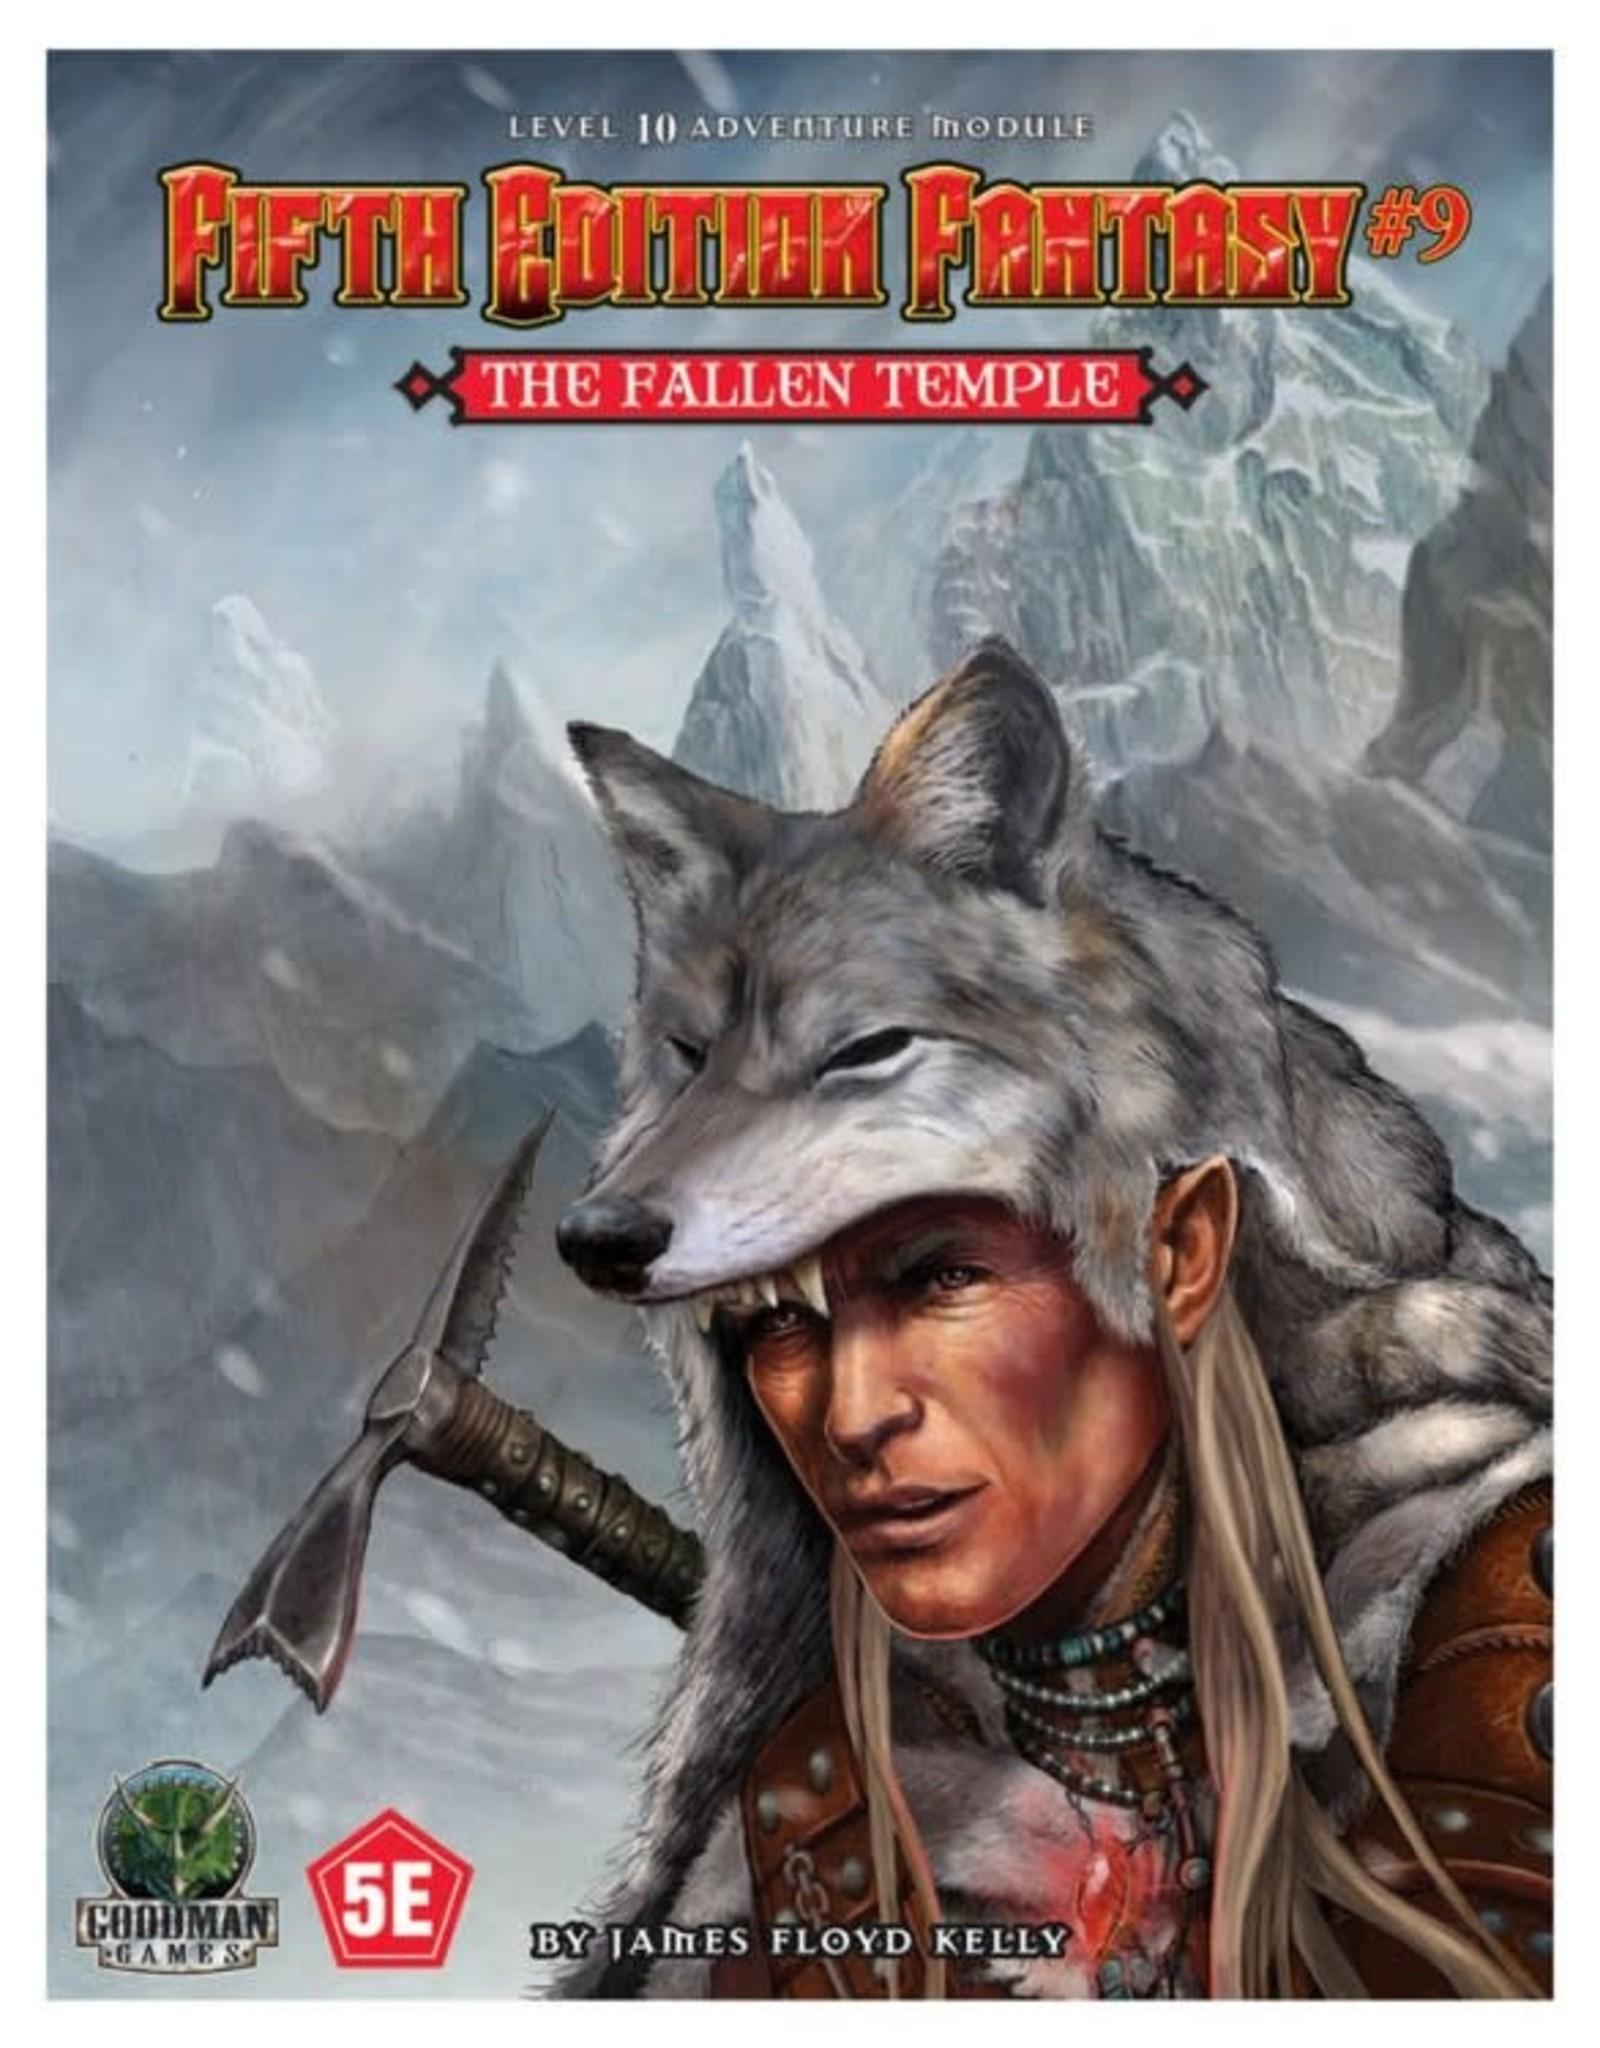 Goodman Games 5e Fantasy: #9 The Fallen Temple